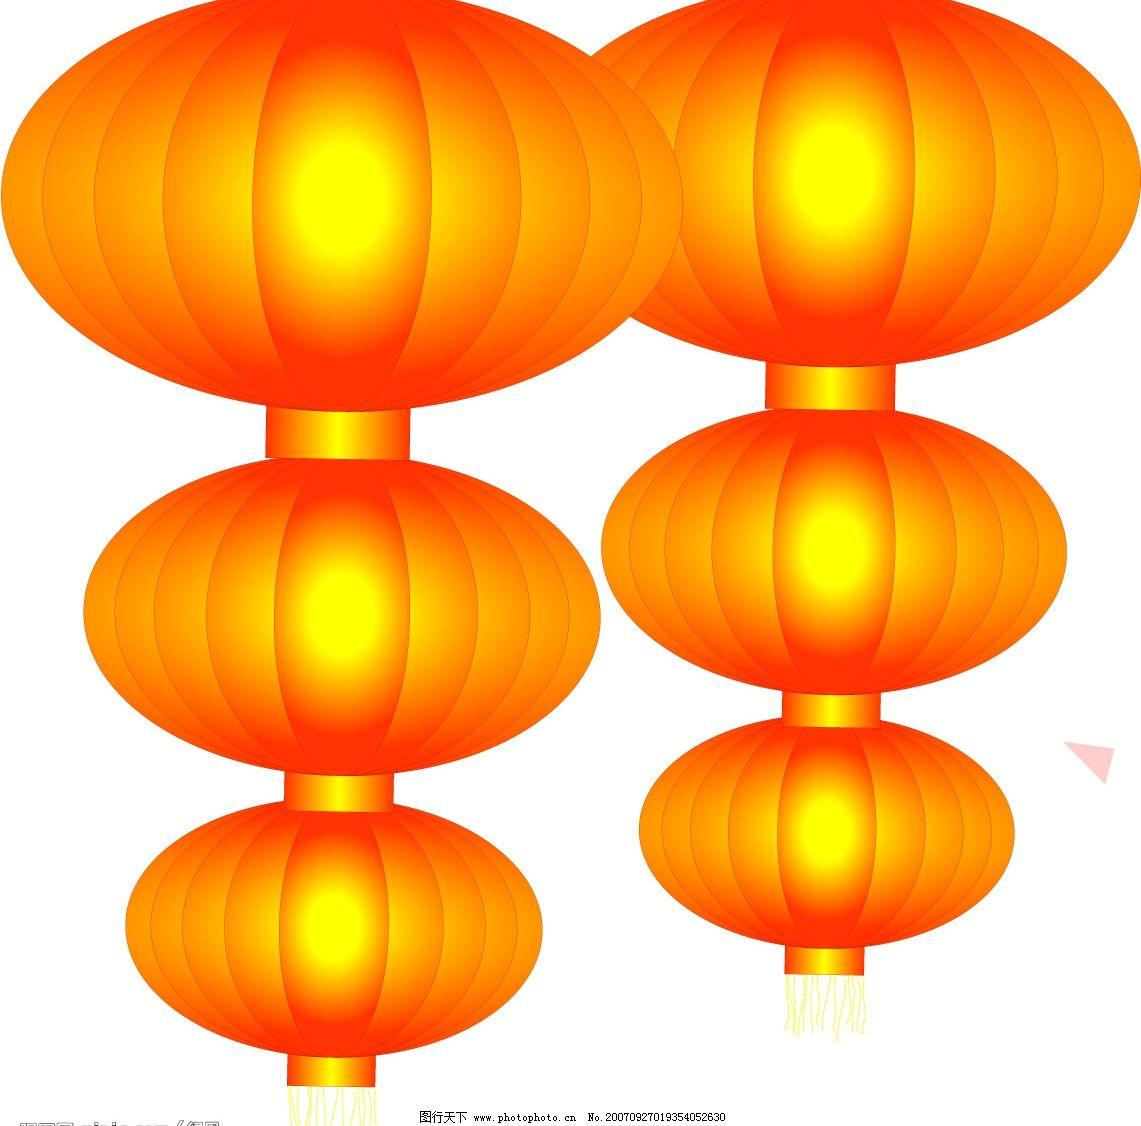 灯笼 做图用的 文化艺术 节日素材 矢量图库   cdr